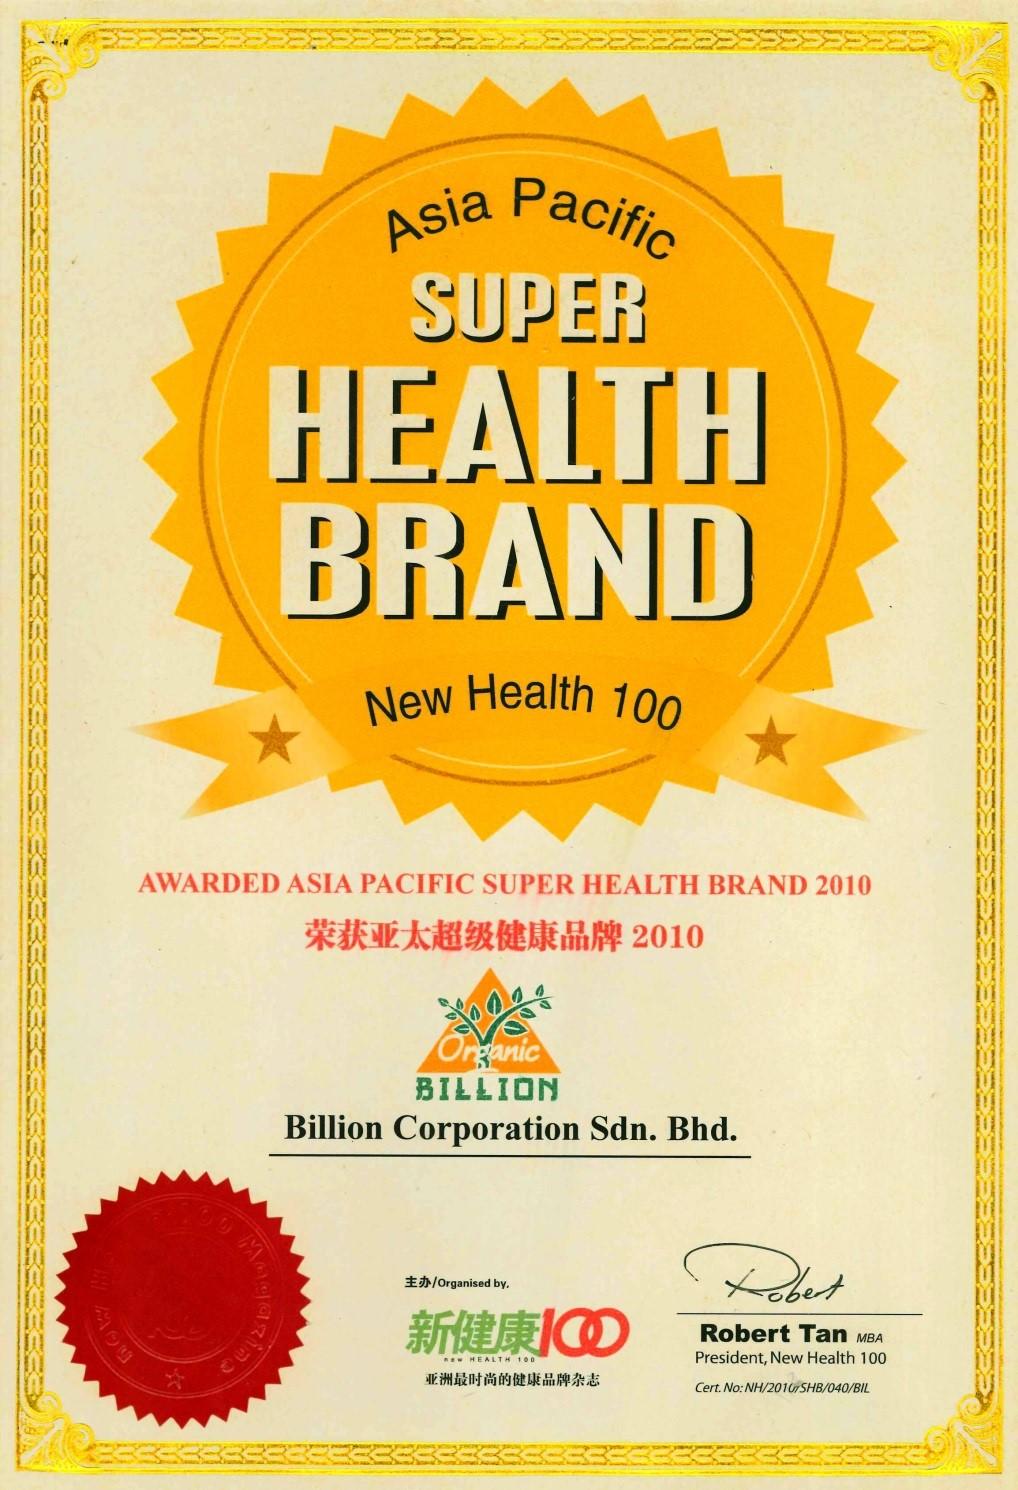 Asia Pacific Super Health Brand 2010